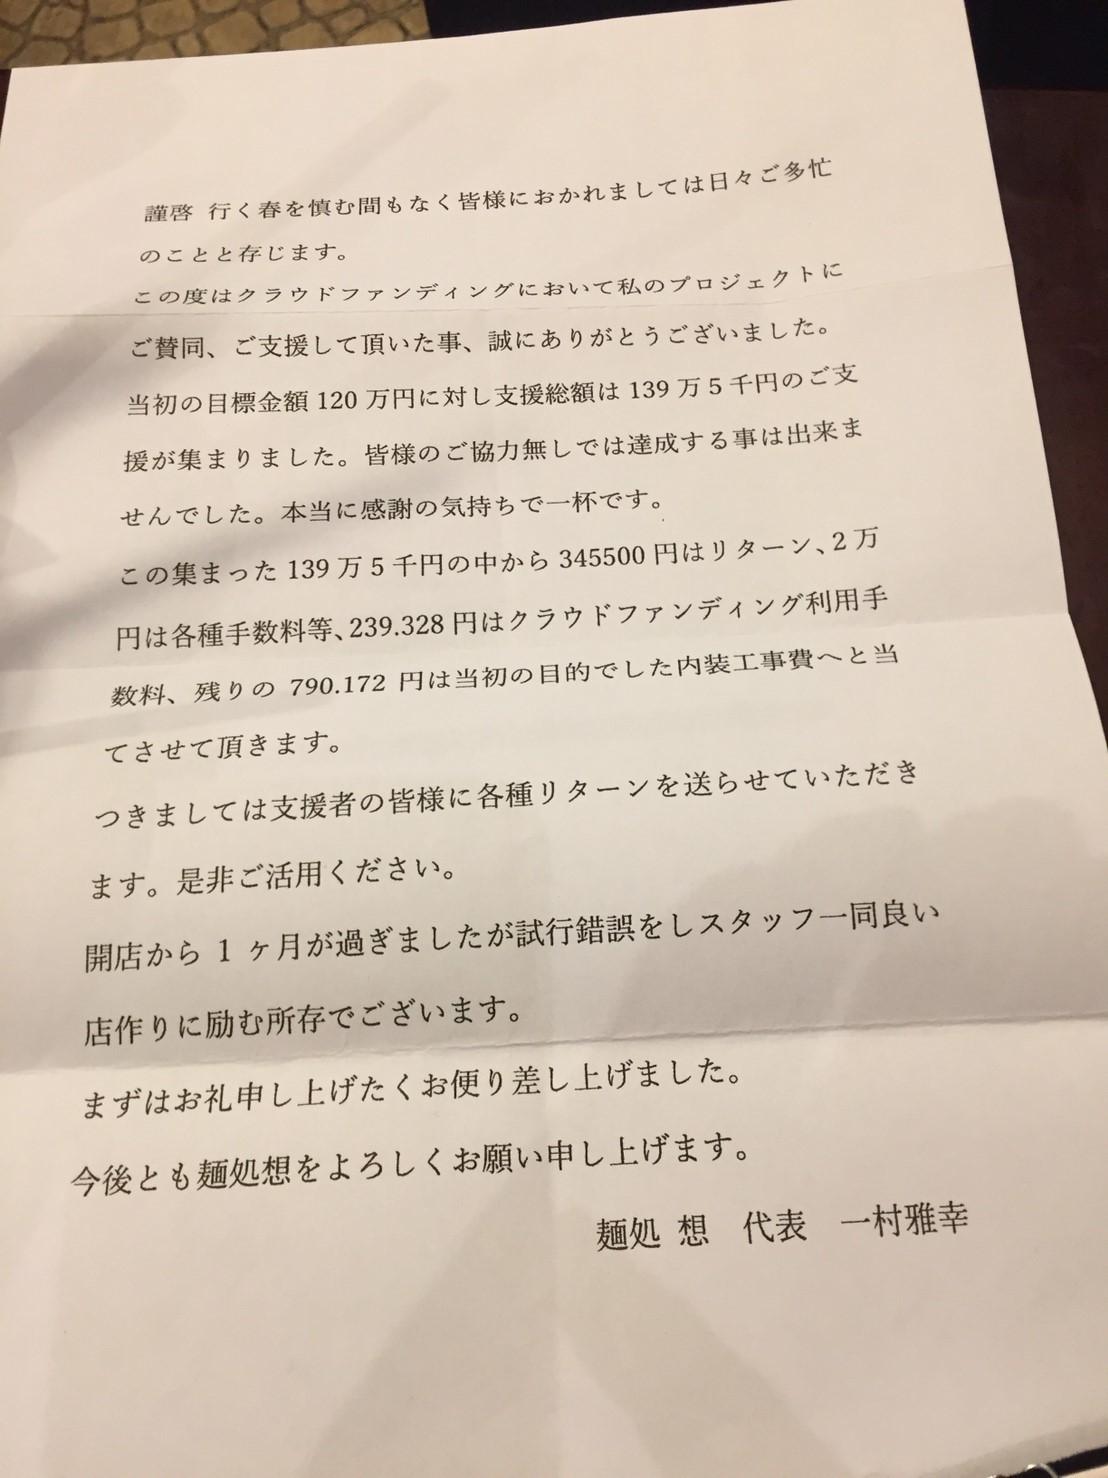 ラーメン放浪記 48_e0115904_14022892.jpg